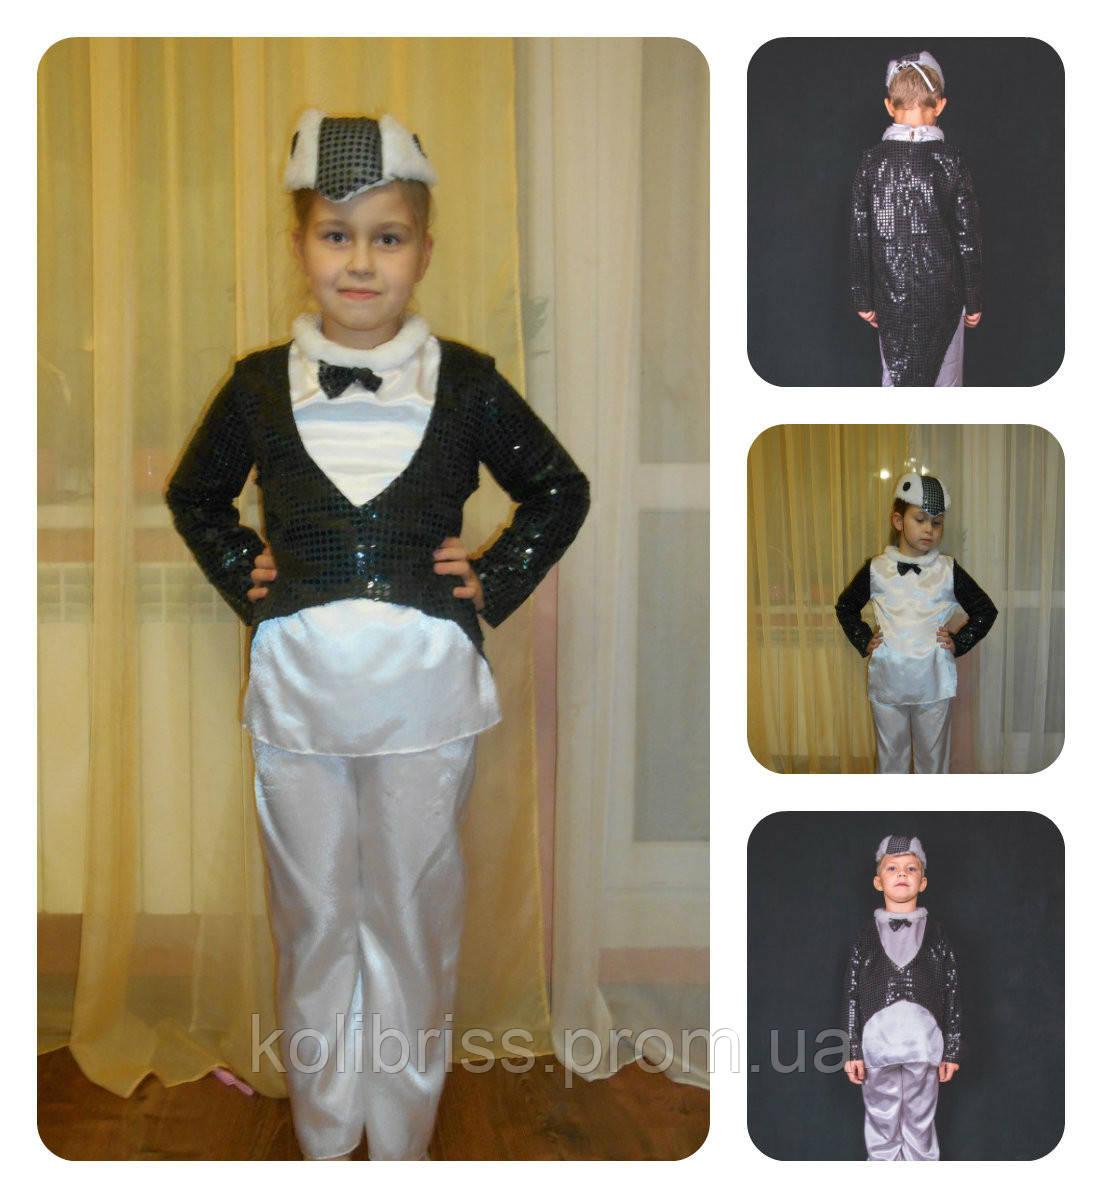 Карнавальный костюм пингвин прокат. Костюм  гламурный пингвина прокат